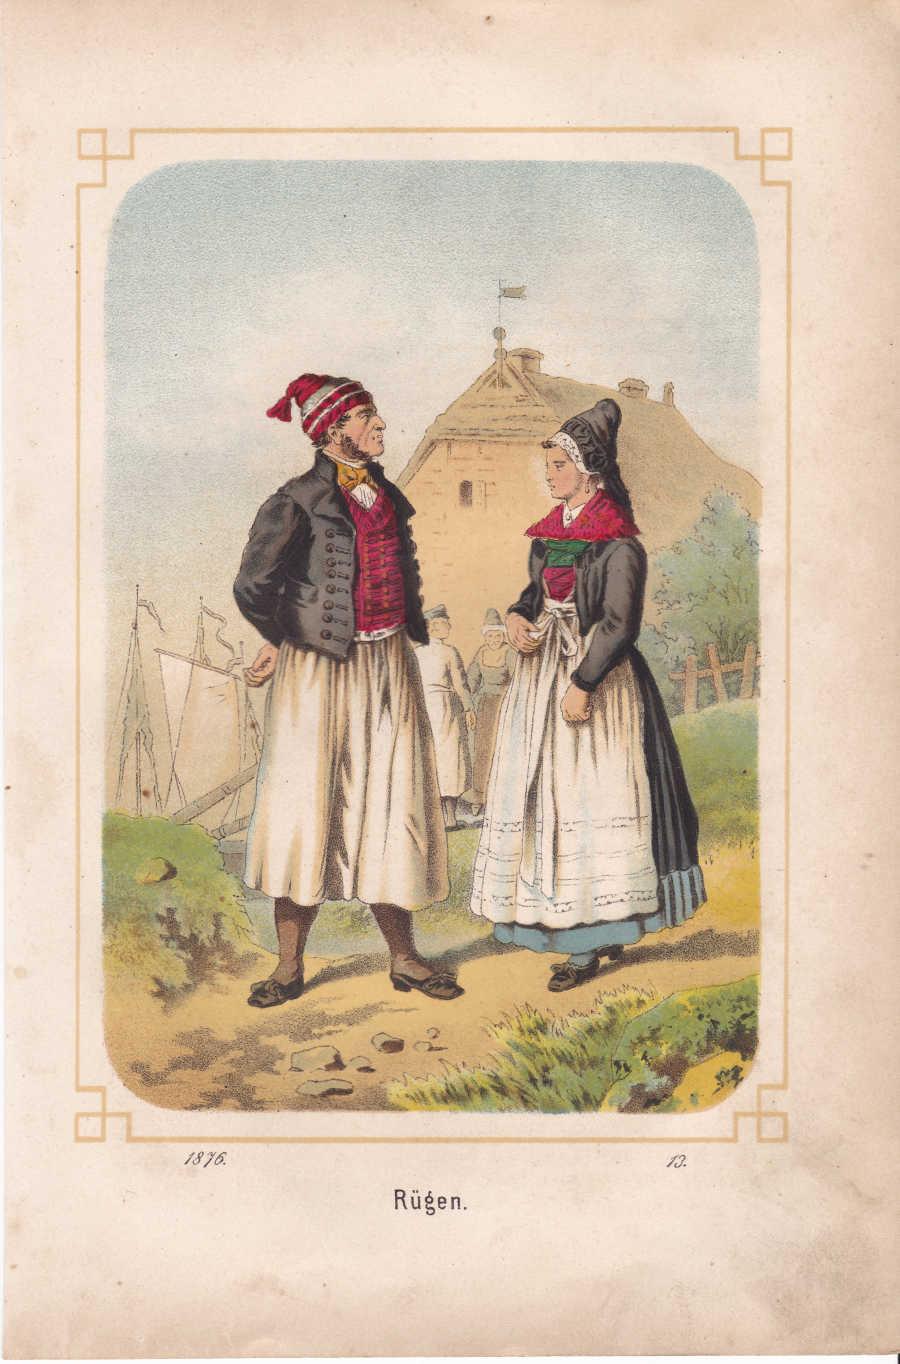 Kretschmer - Trachten der Völker - Rügen